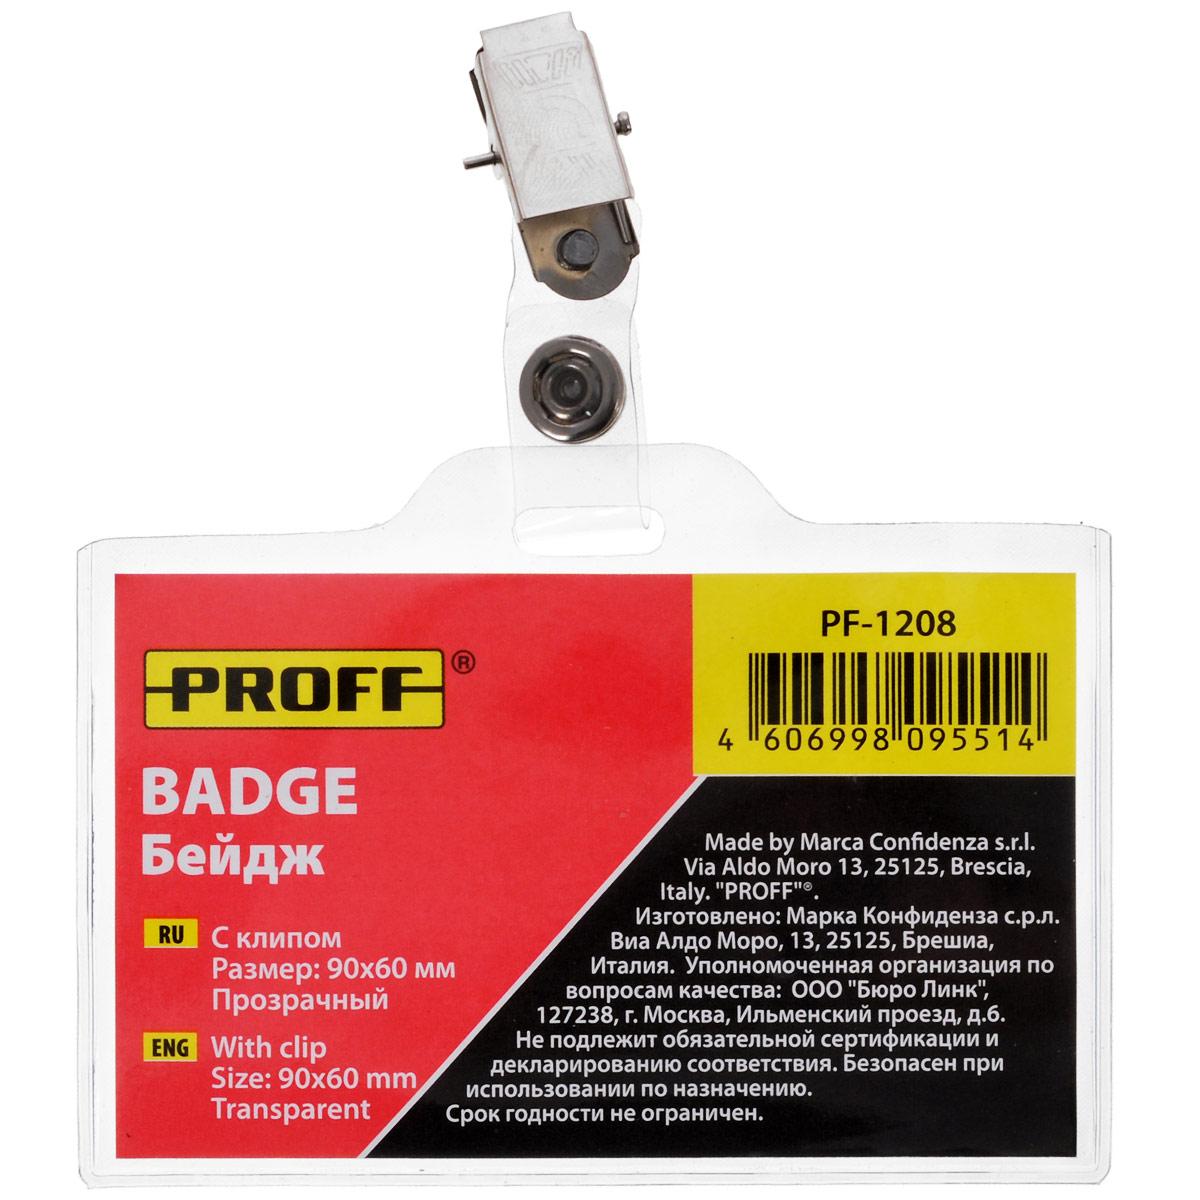 """Бейдж """"Proff"""" изготовлен из прозрачного пластика, предназначен для личной карточки с именем и фотографией. Оснащен клипом, удобно крепится к одежде или ленте."""